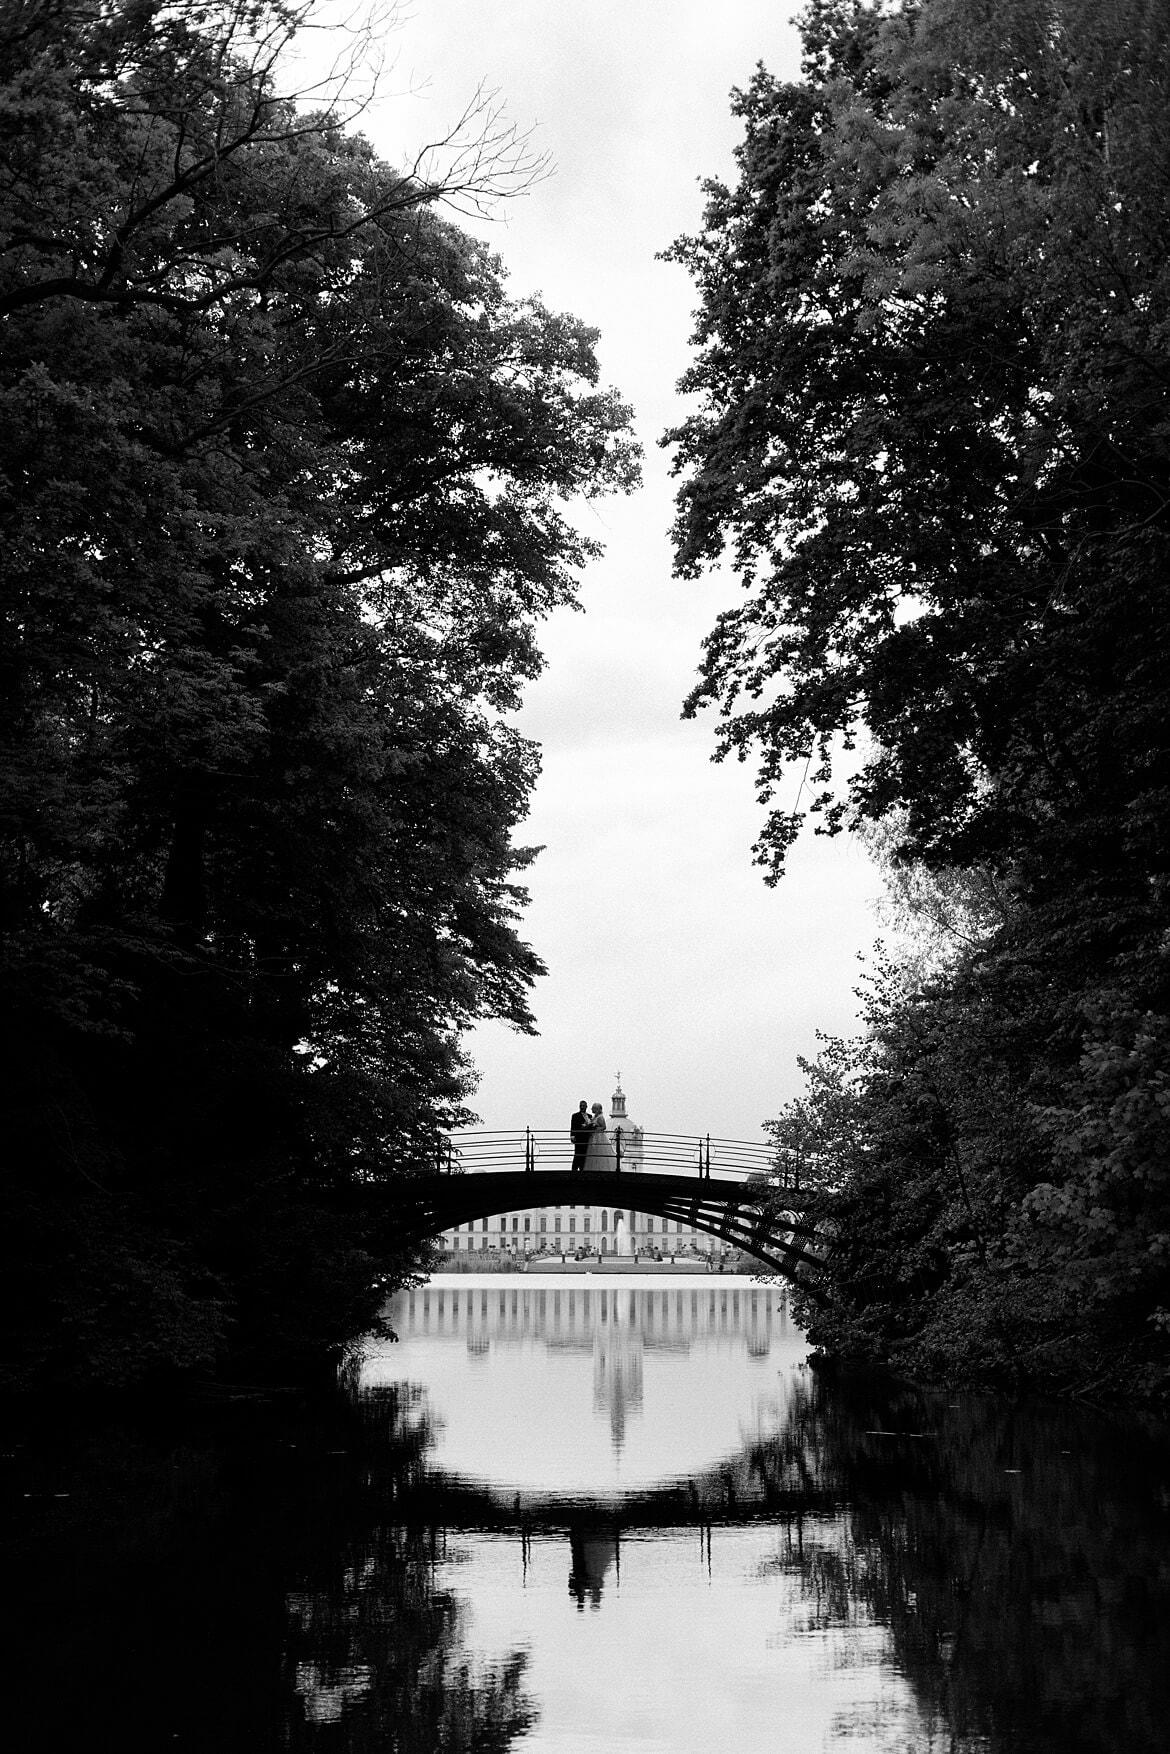 Schwarz Weiß Foto eines Brautpaares auf einer Brücke, im Hintergrund das Schloss Charlottenburg Berlin